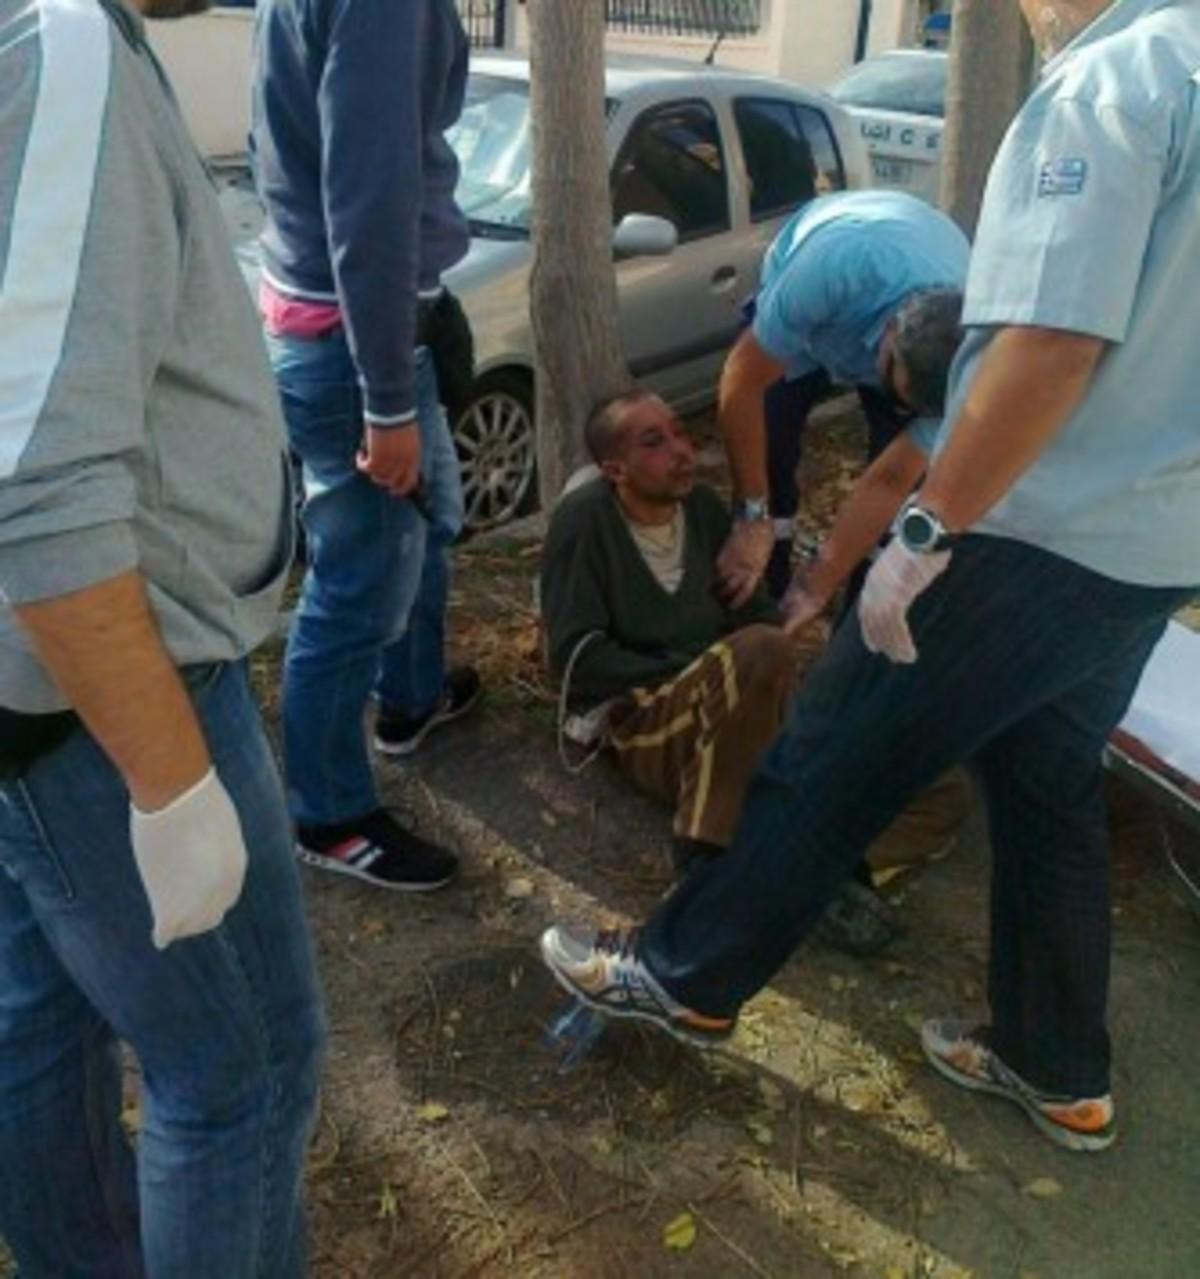 Ελεύθερος με όρους ο φούρναρης που κατηγορείται για το βασανισμό Αιγύπτιου | Newsit.gr